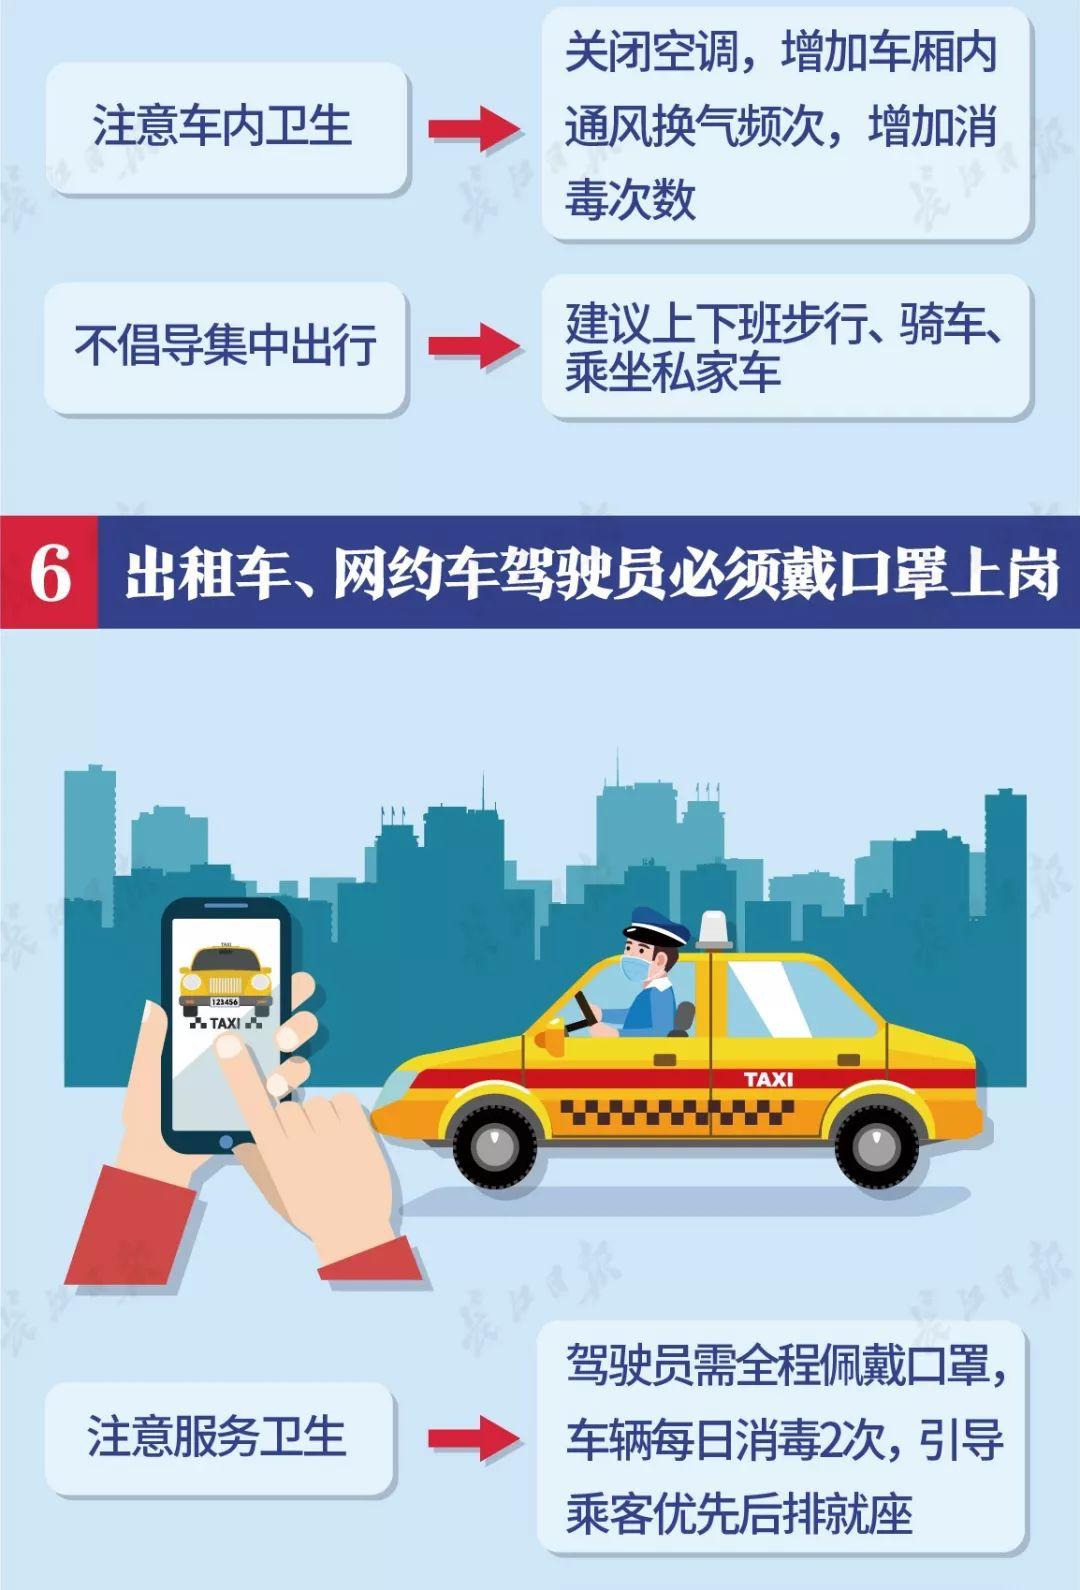 【关注】复工后有员工确诊怎么办?道路交通怎么恢复?国家卫健委回应!